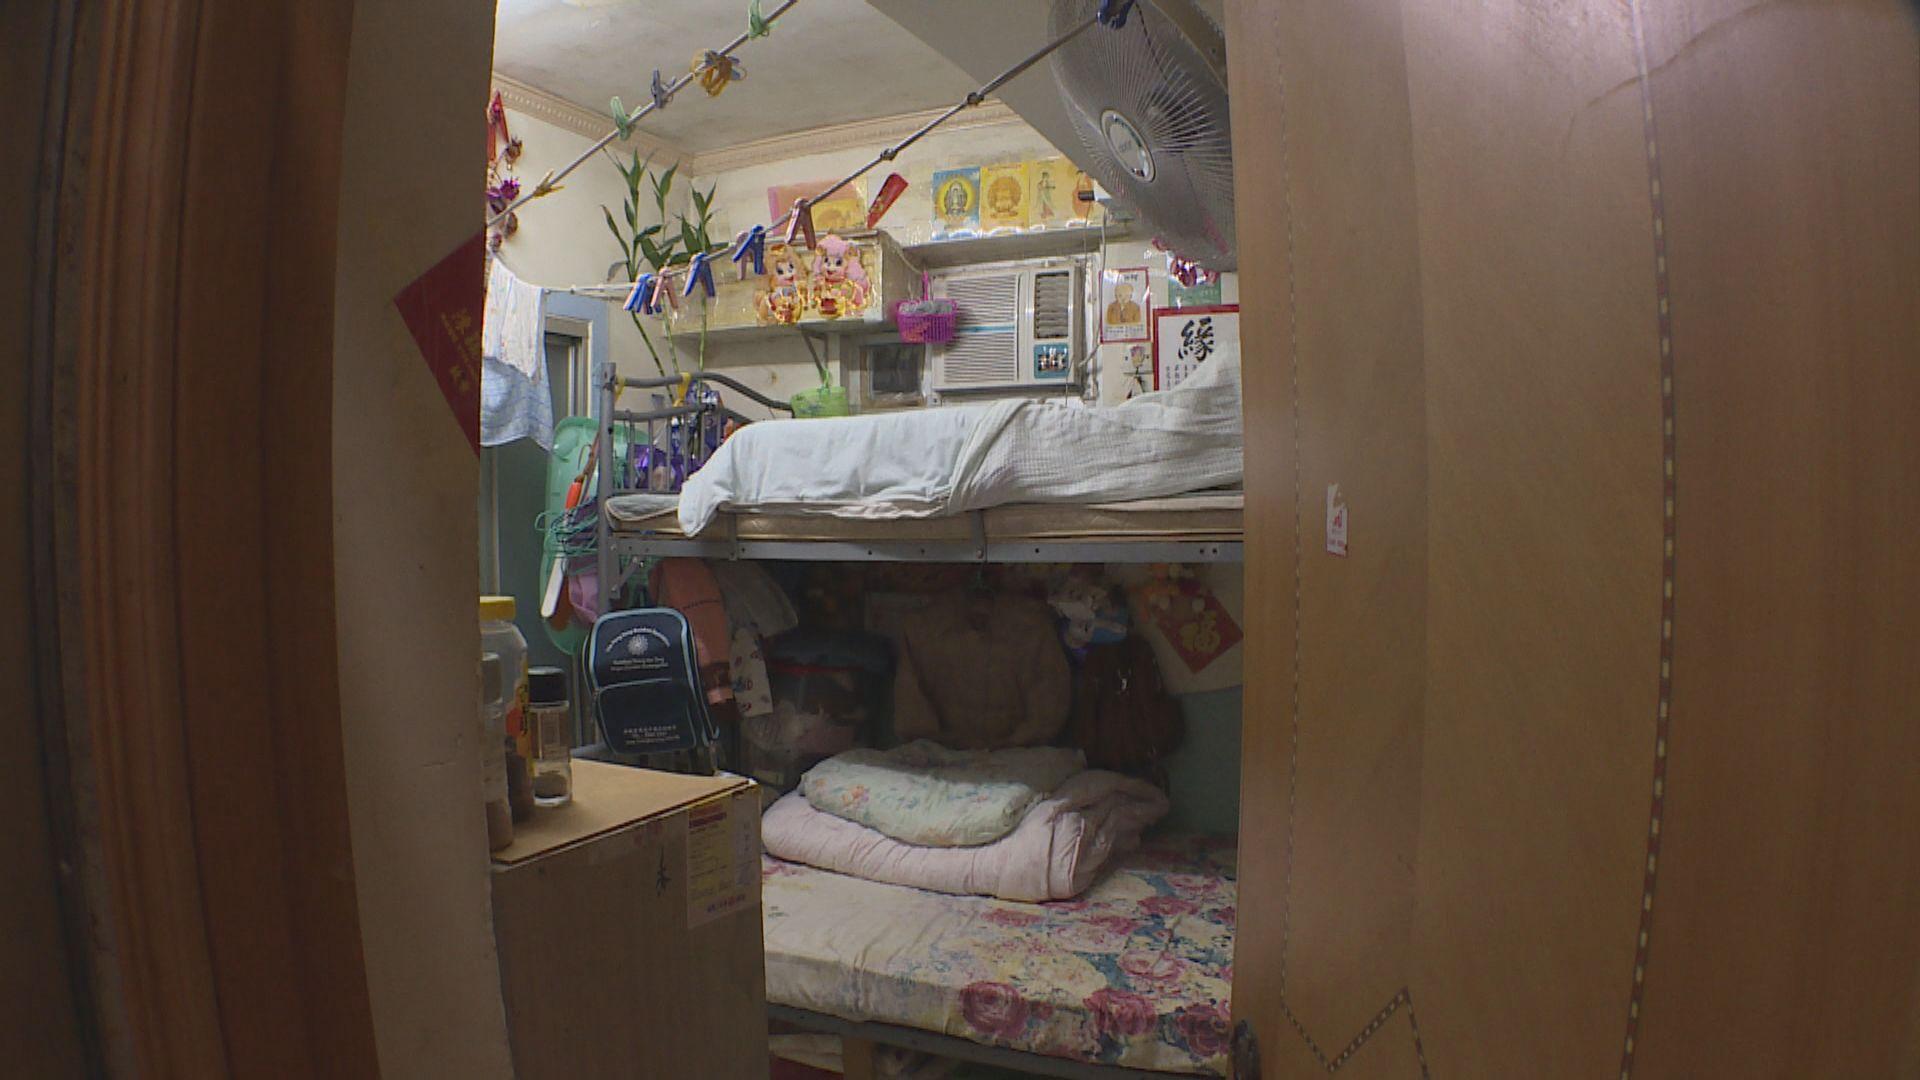 關愛基金擬為劏房戶提供津貼改善居住環境